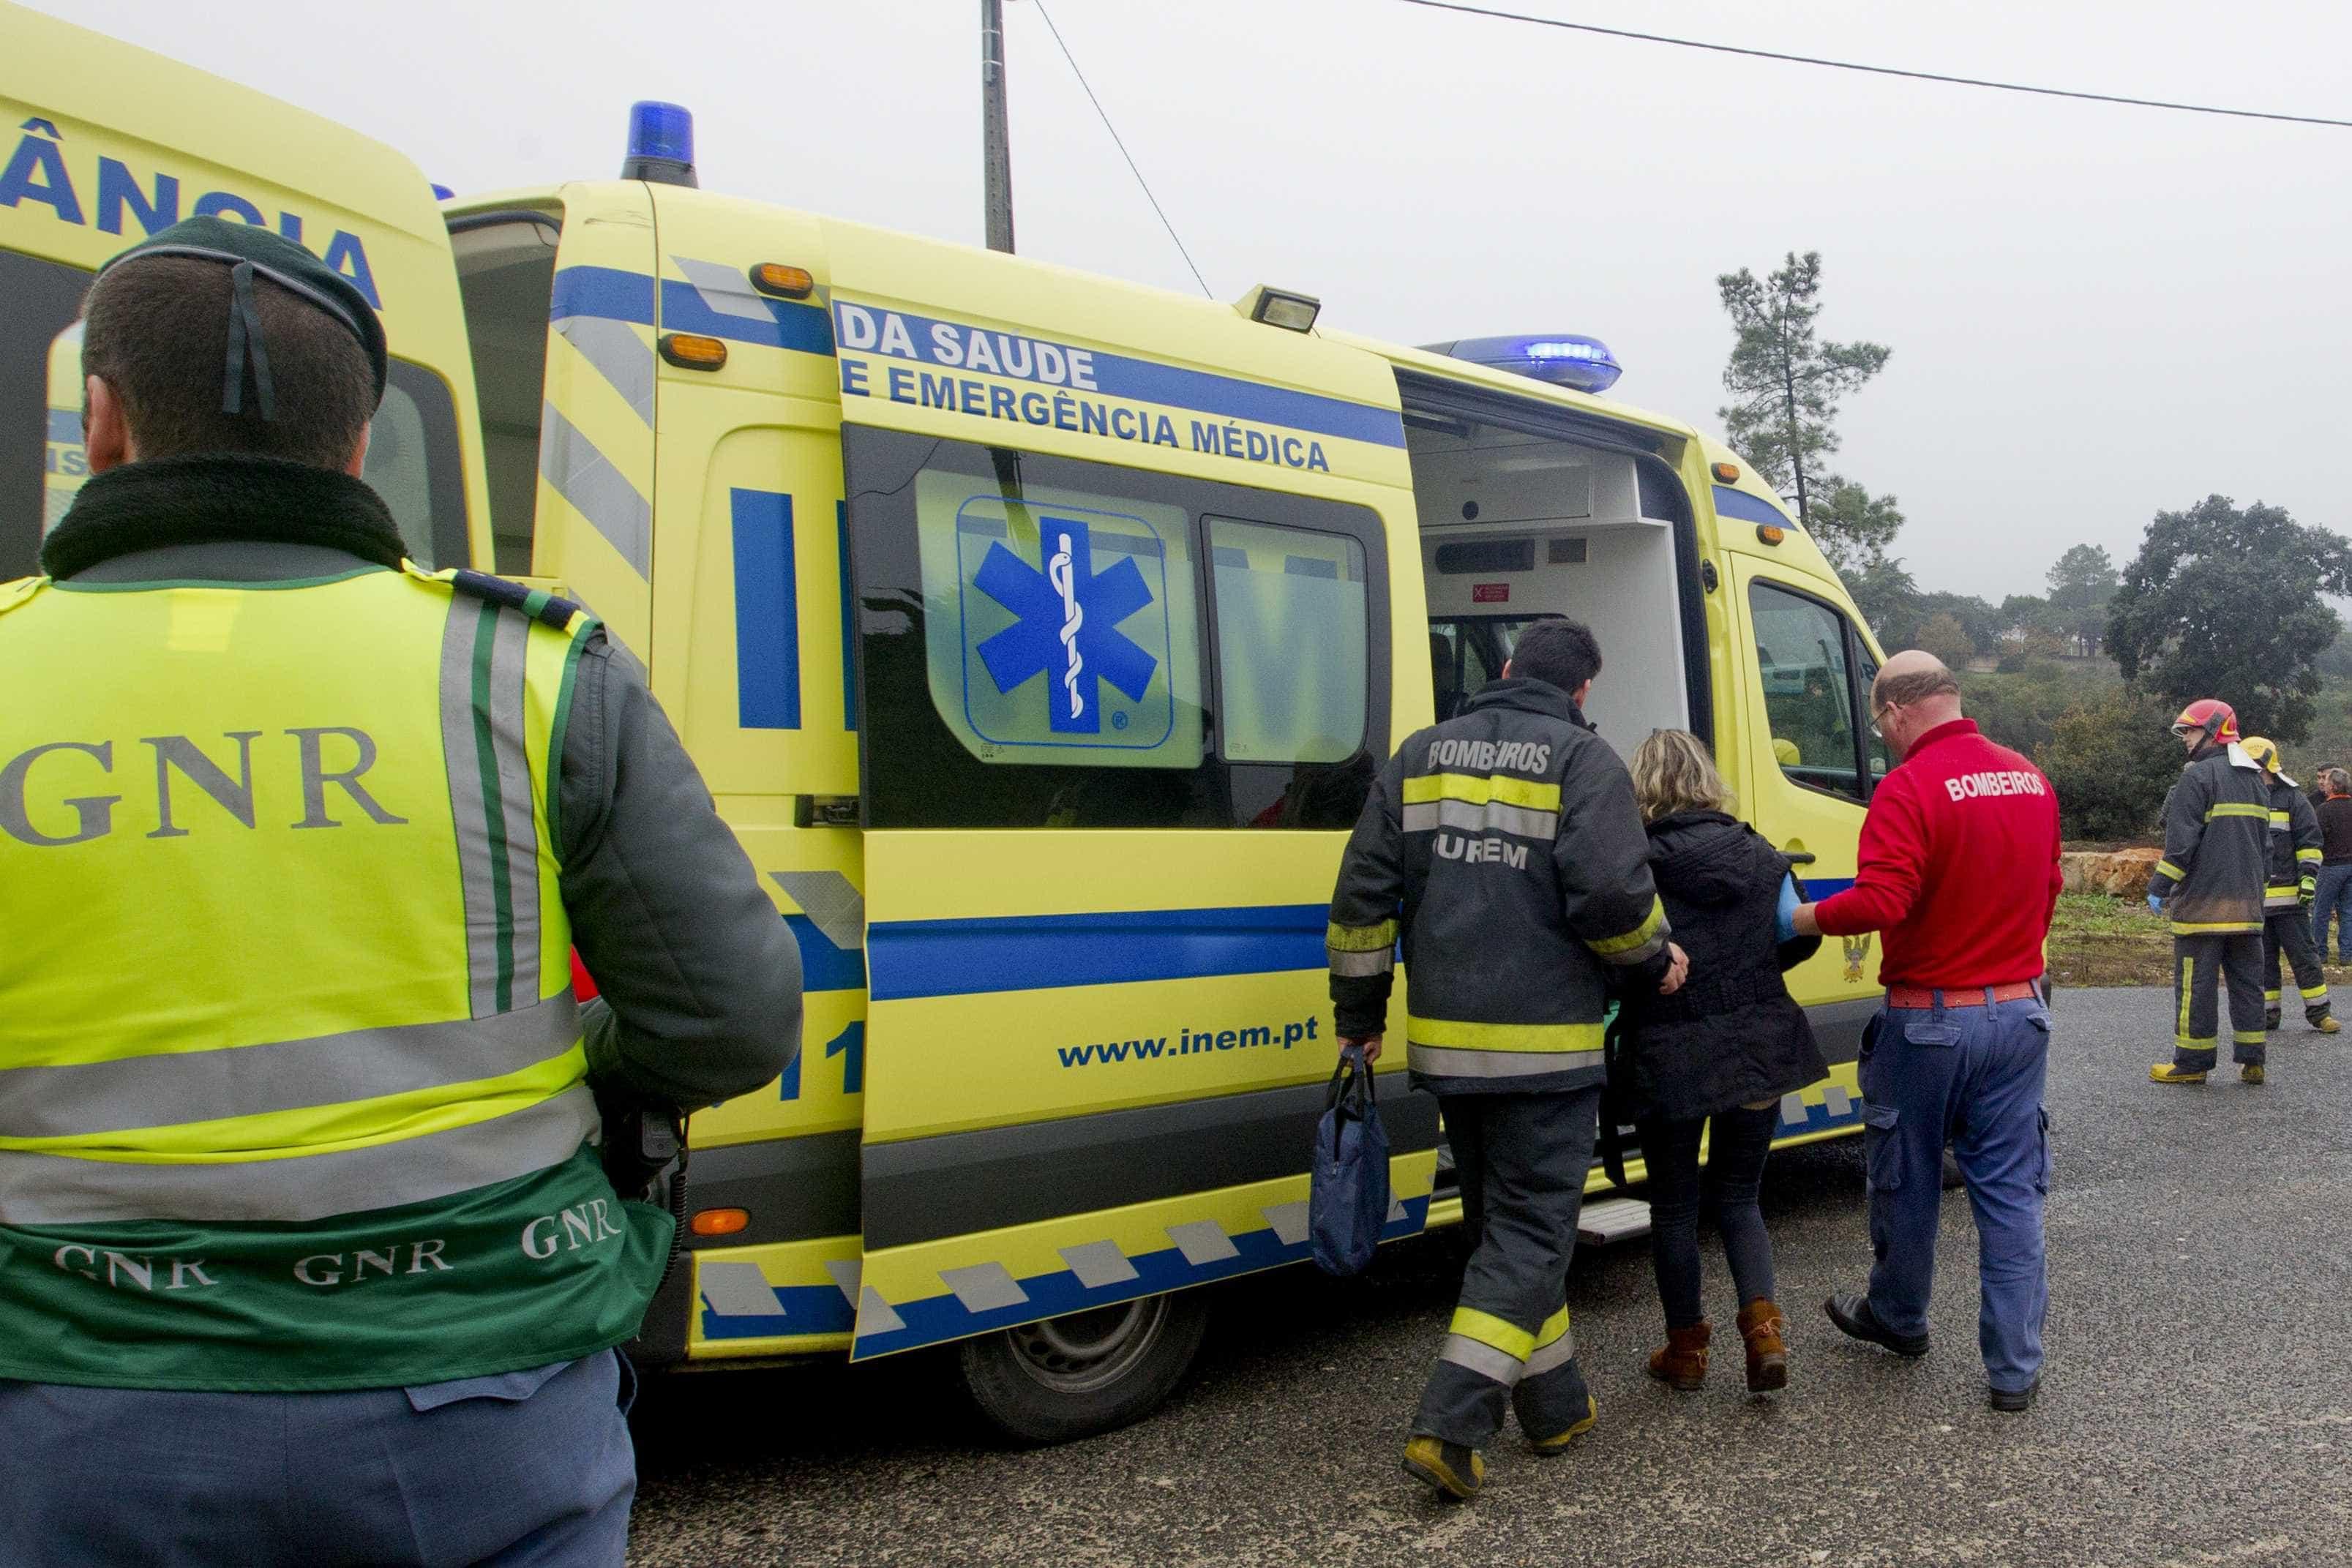 Carrinha caiu por ravina na A1 e fez seis feridos, um em estado grave